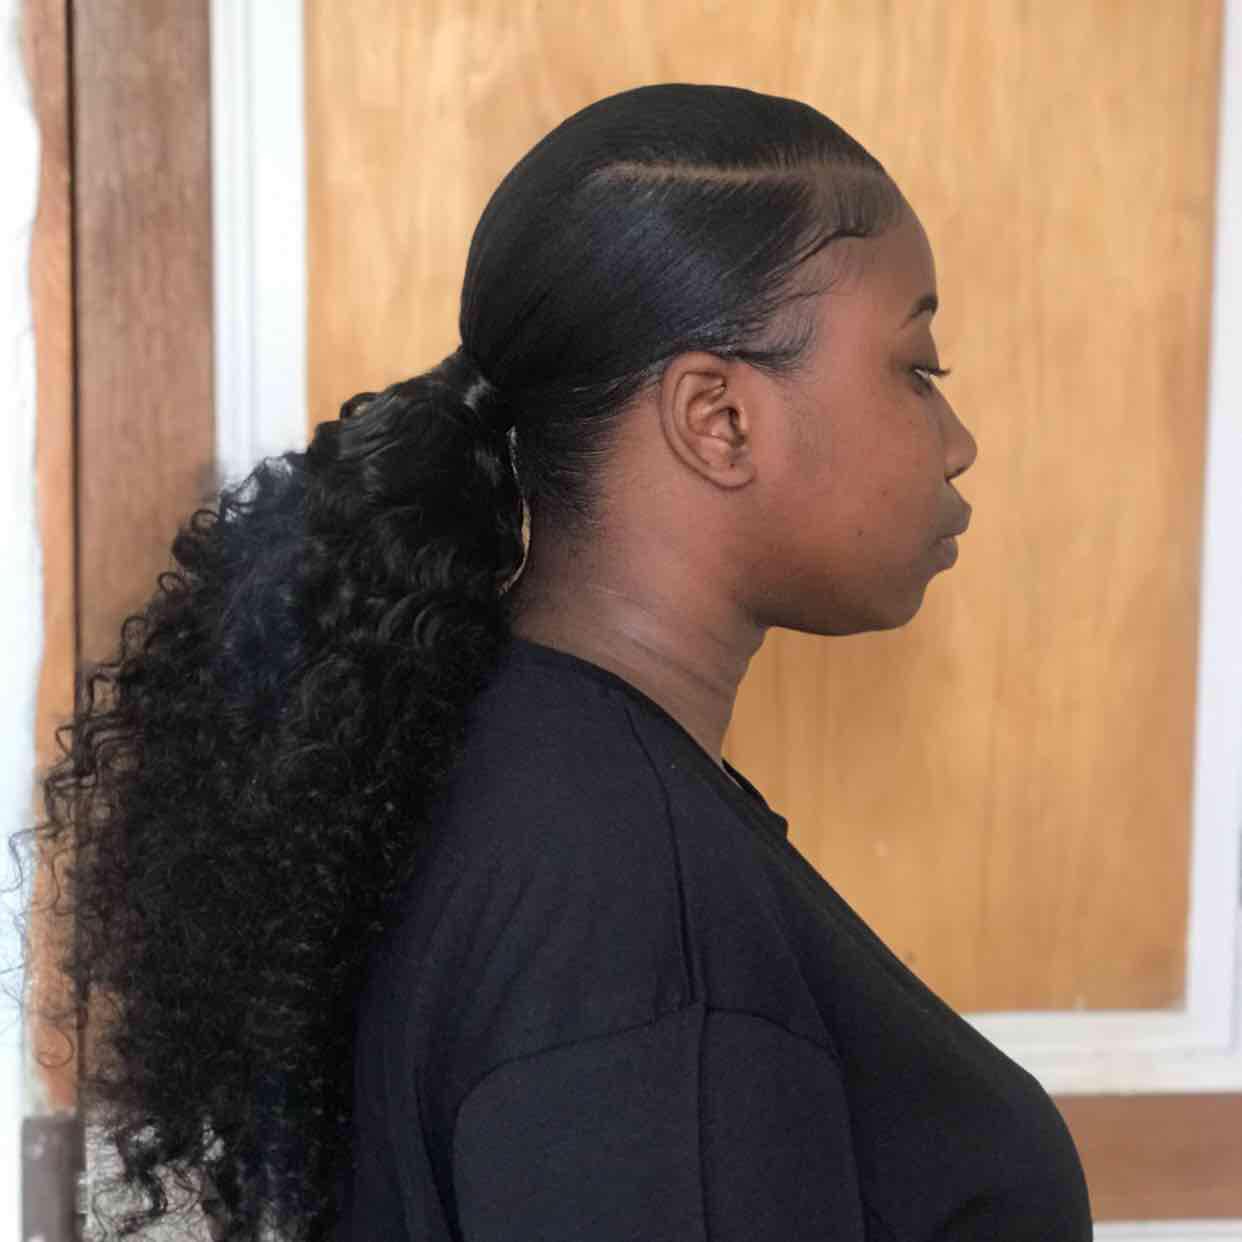 salon de coiffure afro tresse tresses box braids crochet braids vanilles tissages paris 75 77 78 91 92 93 94 95 JXJRUVTE